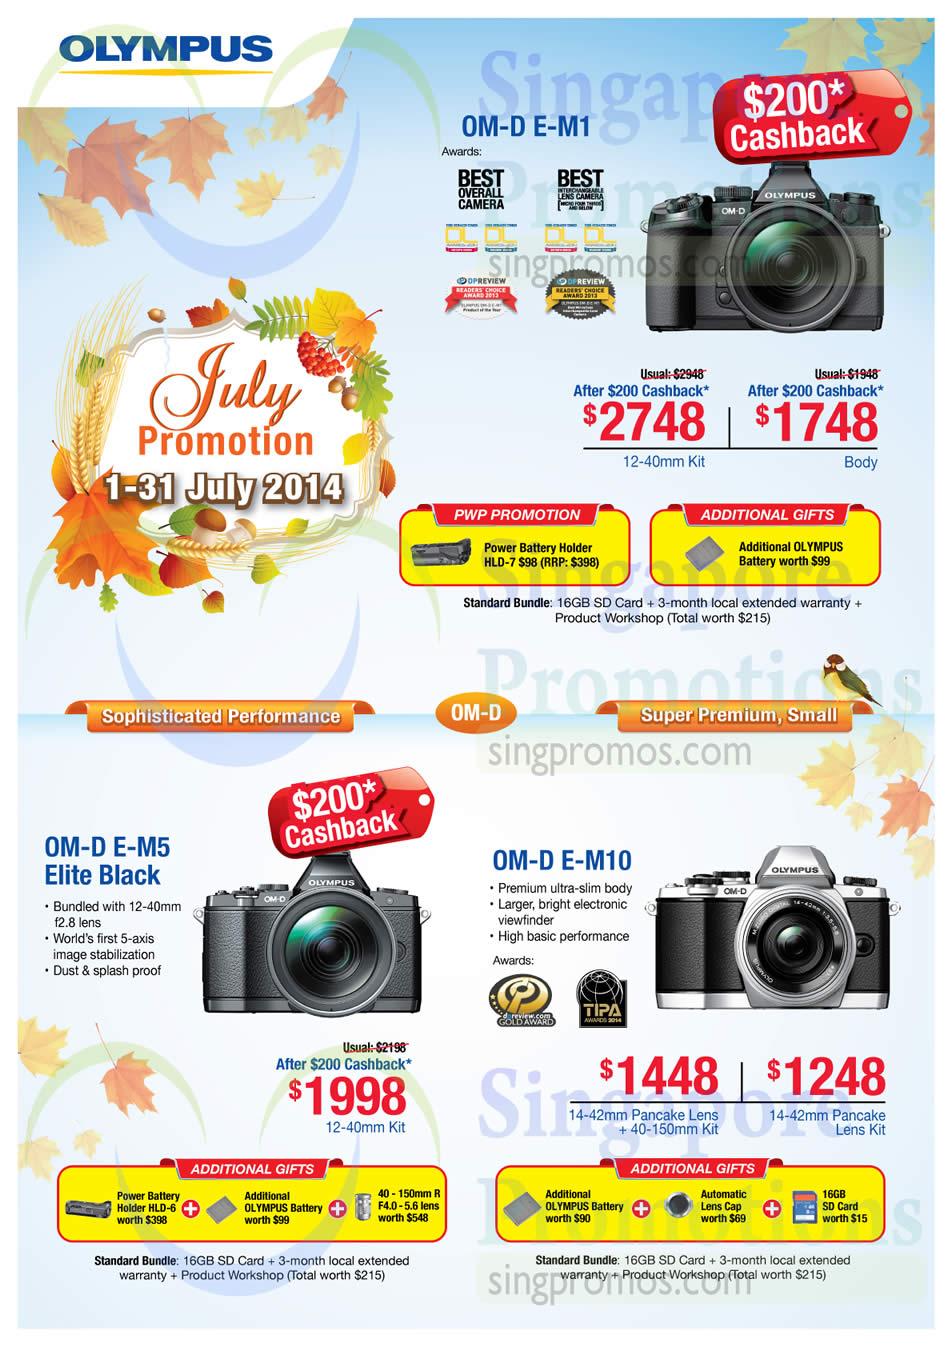 Olympus OM-D E-M1 Digital Camera, Olympus OM-D E-M5 Elite Black Digital Camera, Olympus OM-D E-M10 Digital Camera